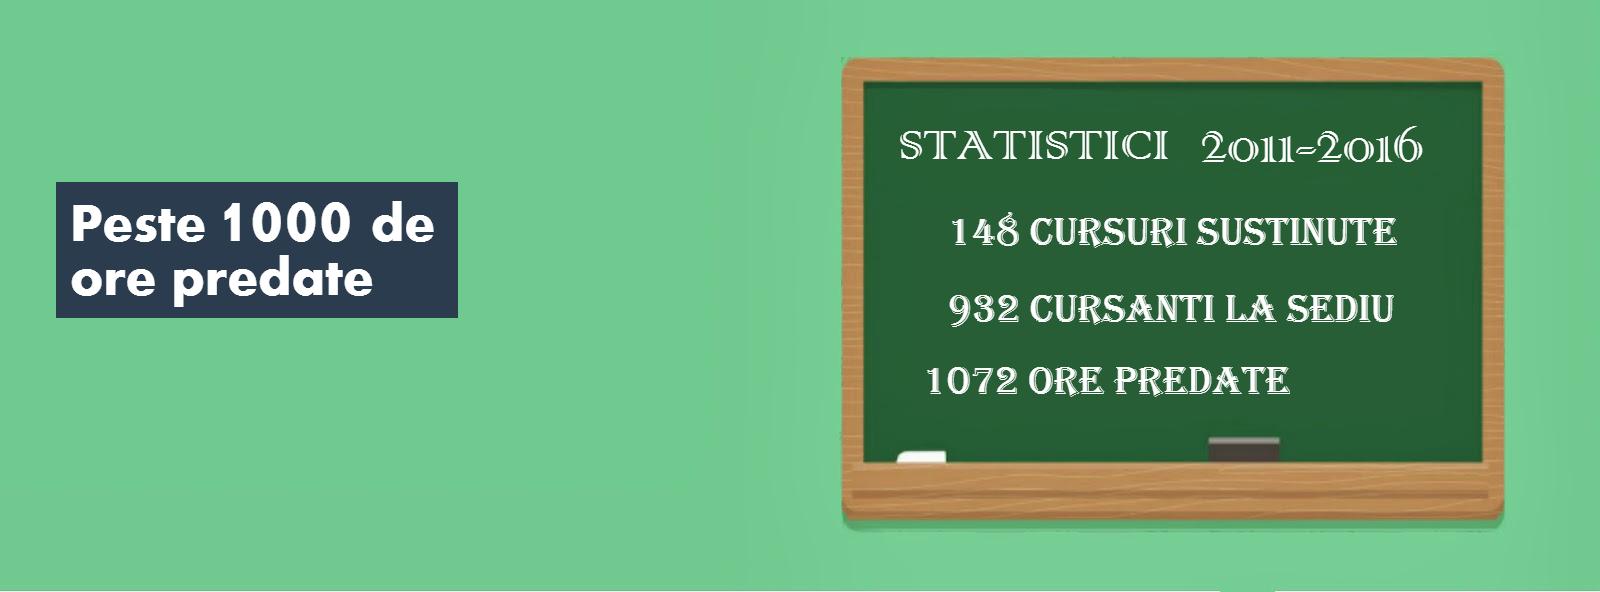 Statistici cursuri